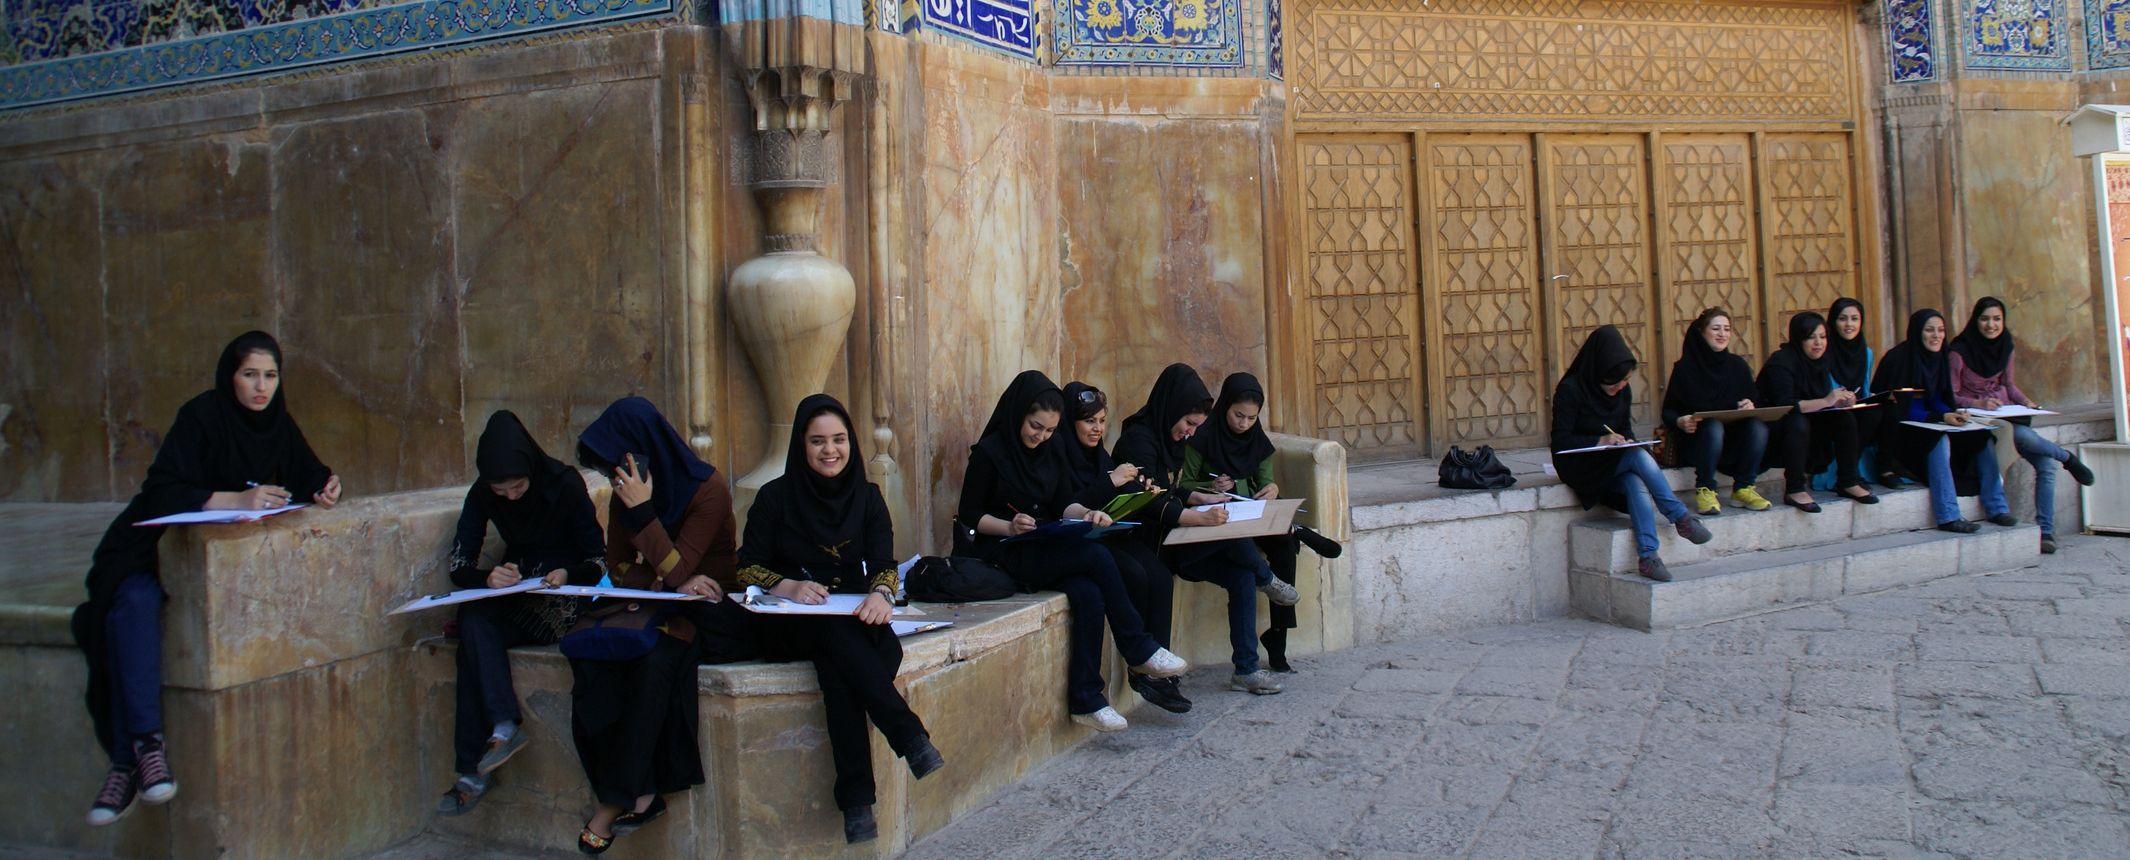 Irán - La Persia Clásica: Shiraz, Kerman, Yadz, Isfahan y Teherán